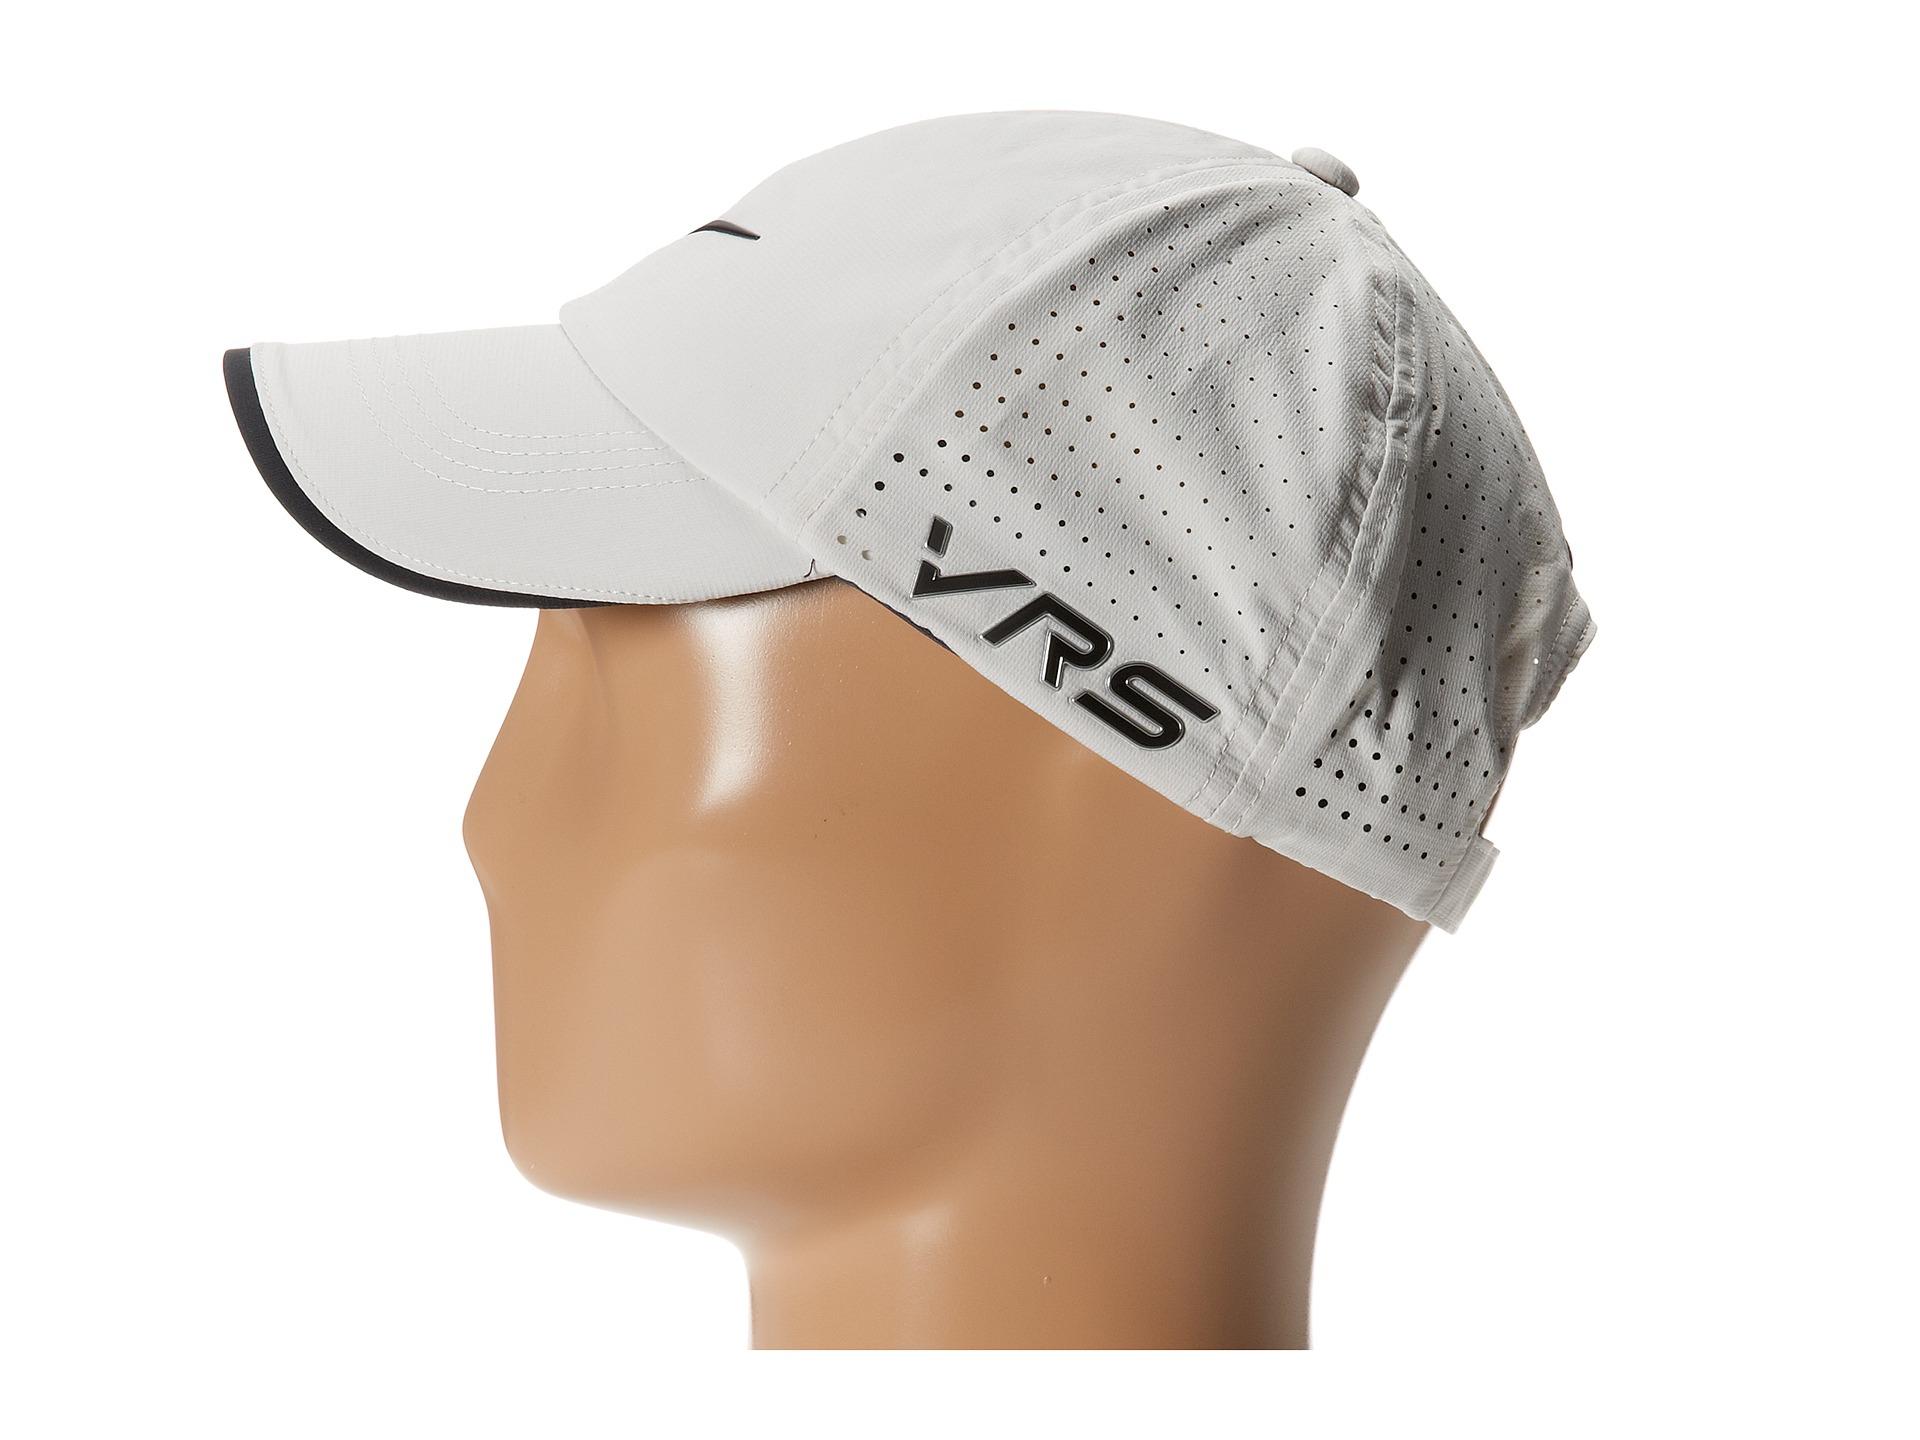 a42628d3990 Nike Golf Dri Fit Tour Perforated Hat  Nike dri fit swoosh ...